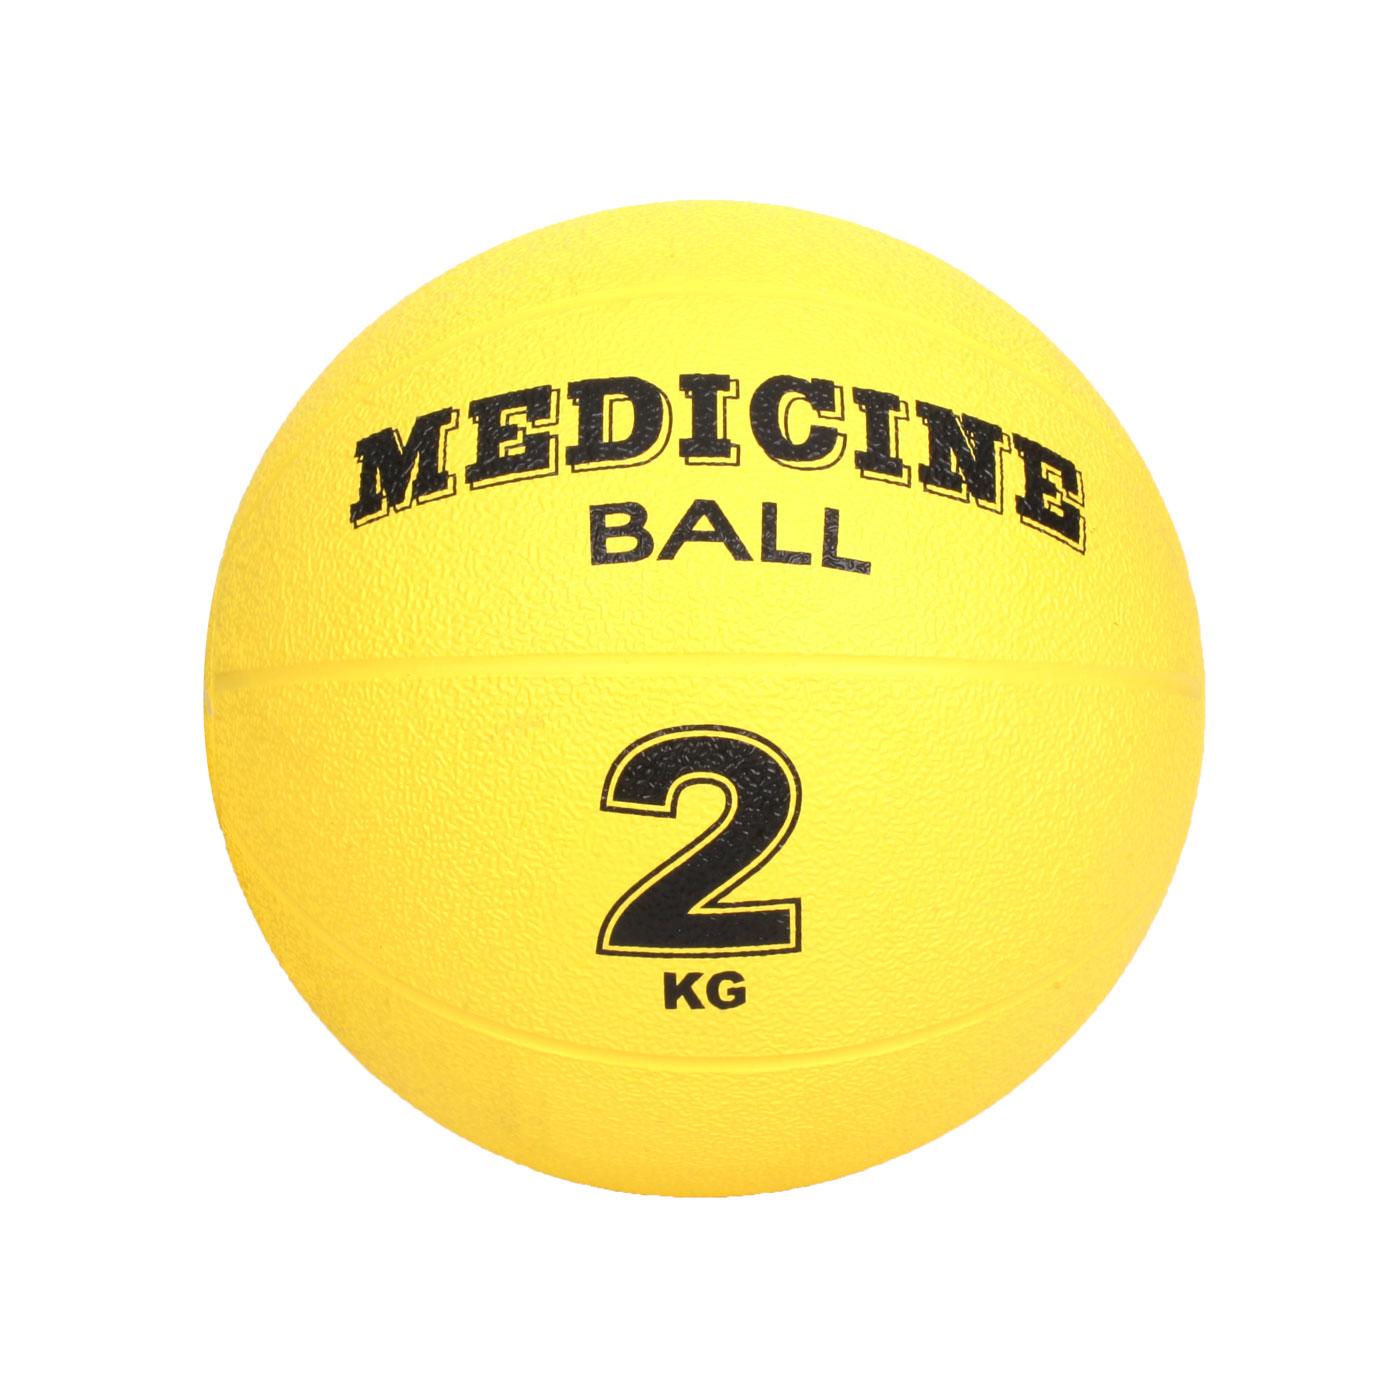 其它 2KG藥球(橡膠)E-BLM-922